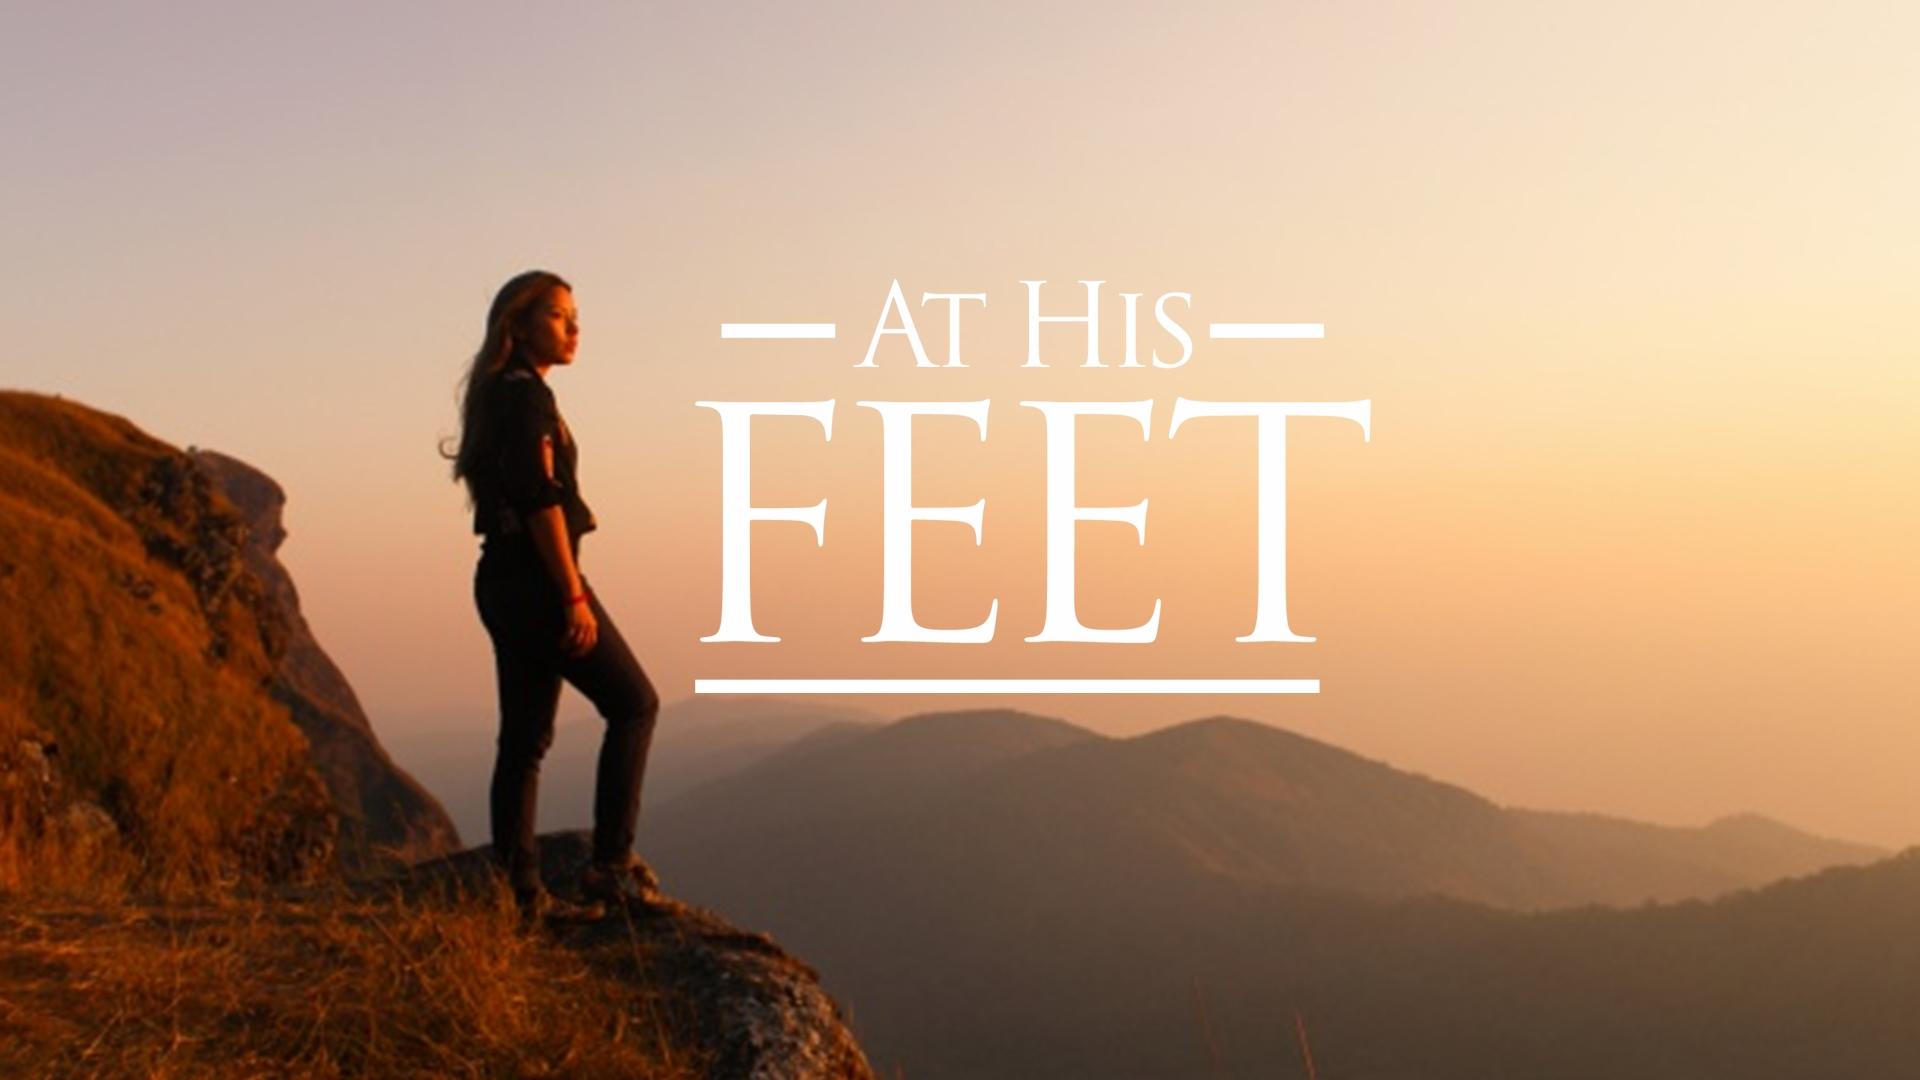 Speak Faith To Your Mountain